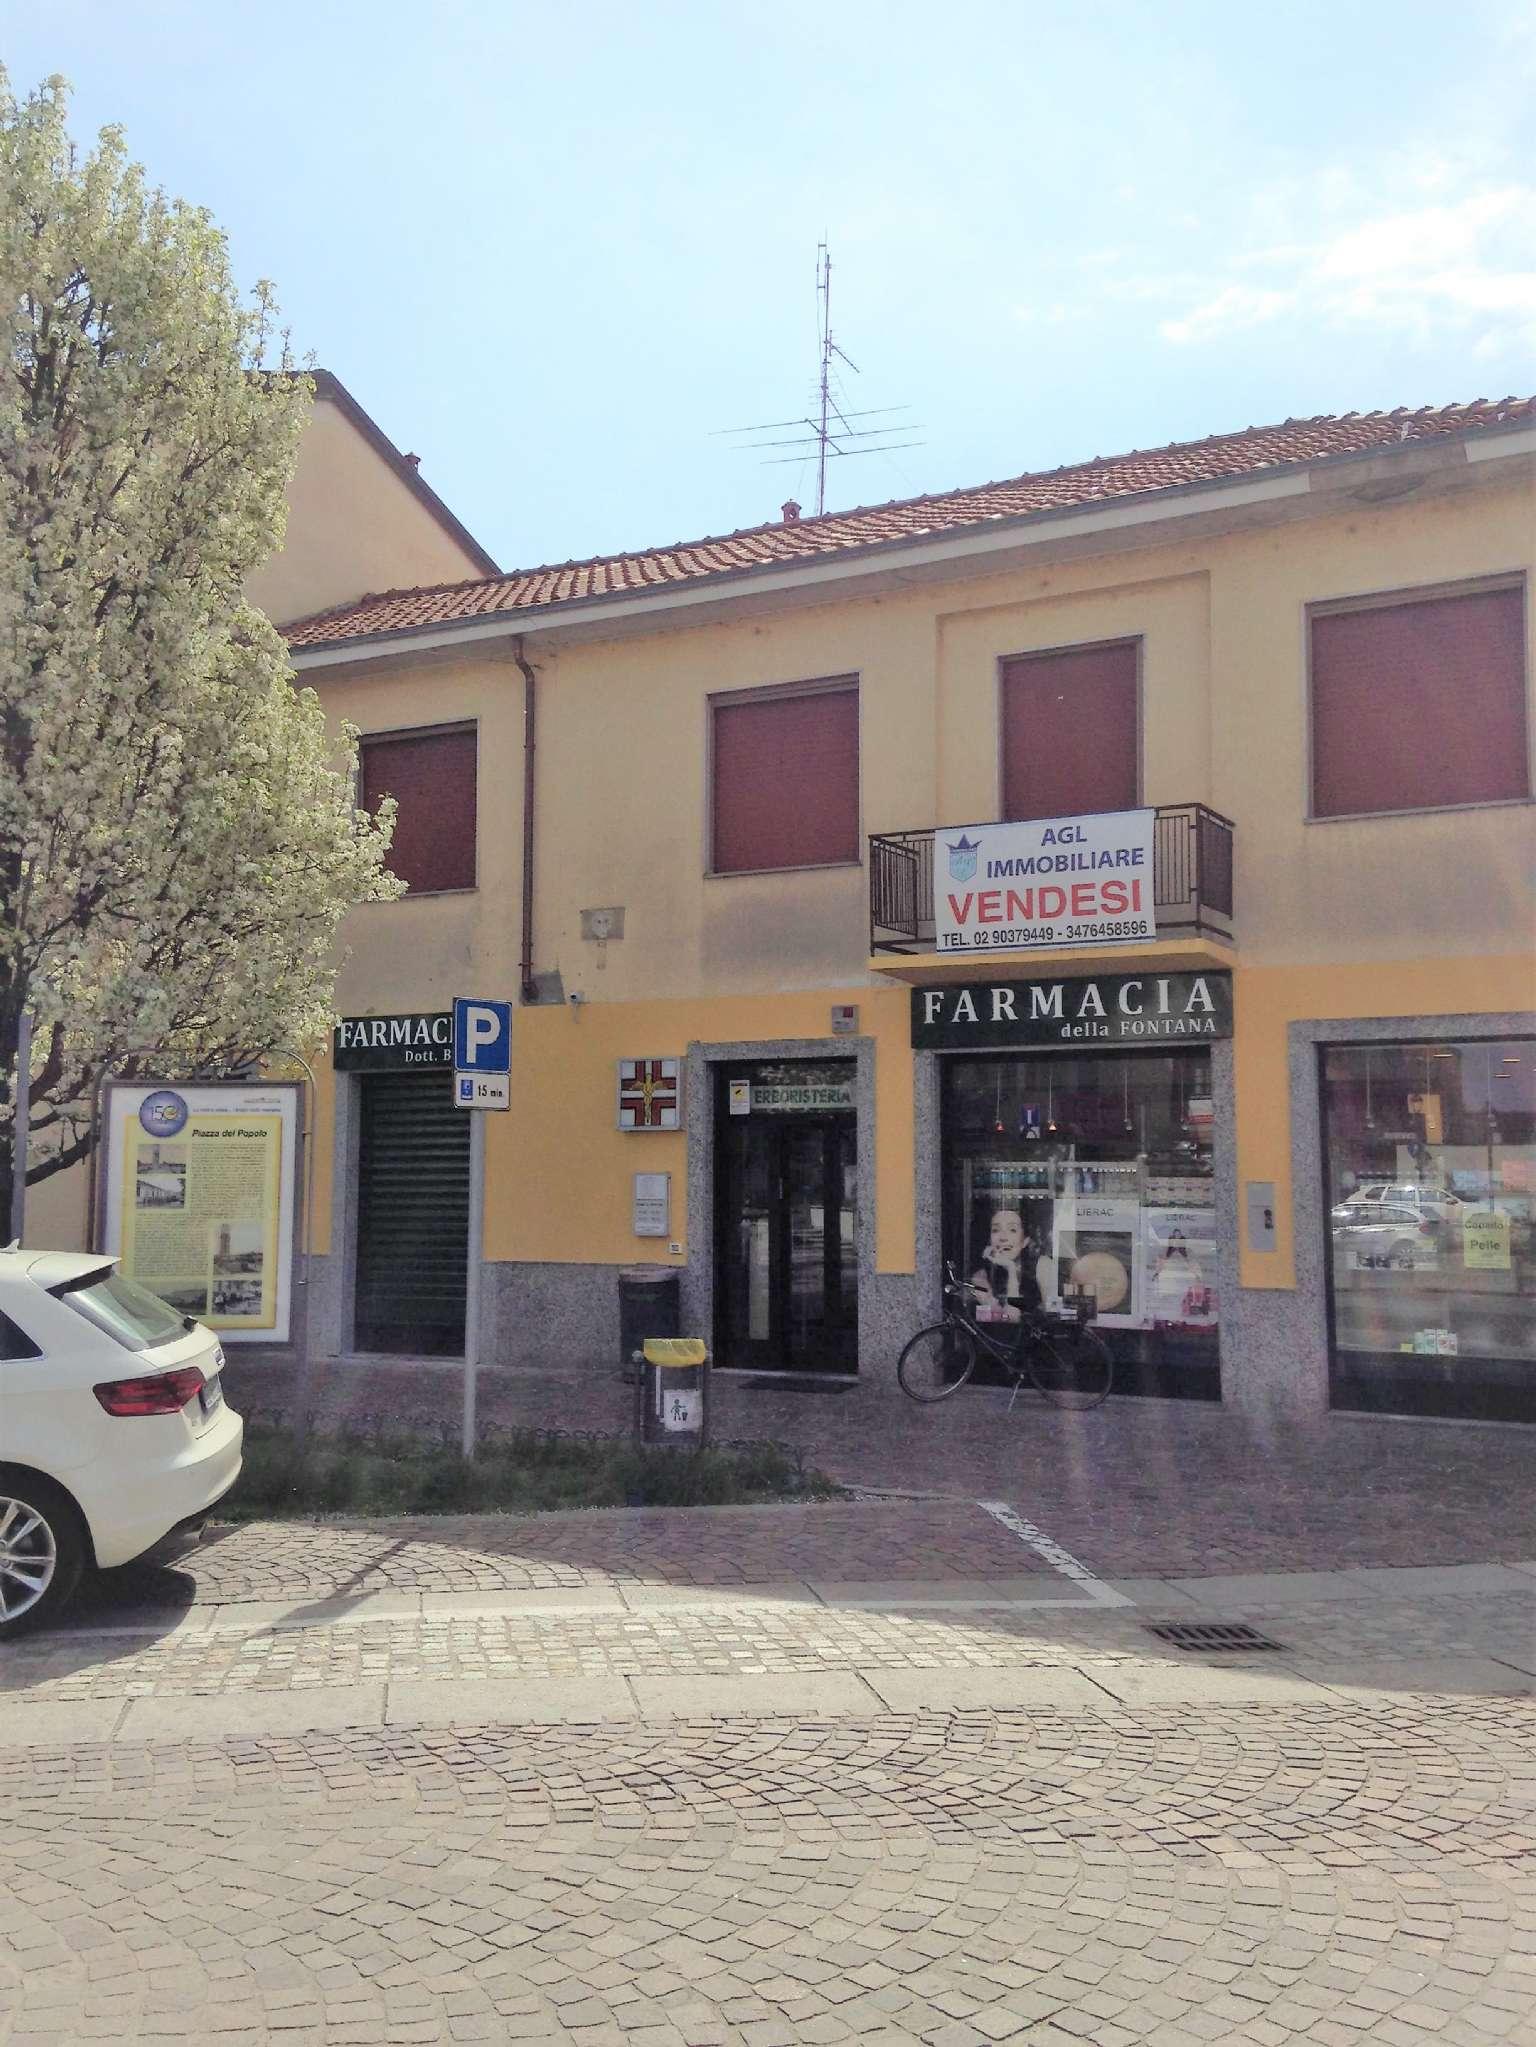 Palazzo / Stabile in vendita a Arluno, 7 locali, prezzo € 250.000   CambioCasa.it